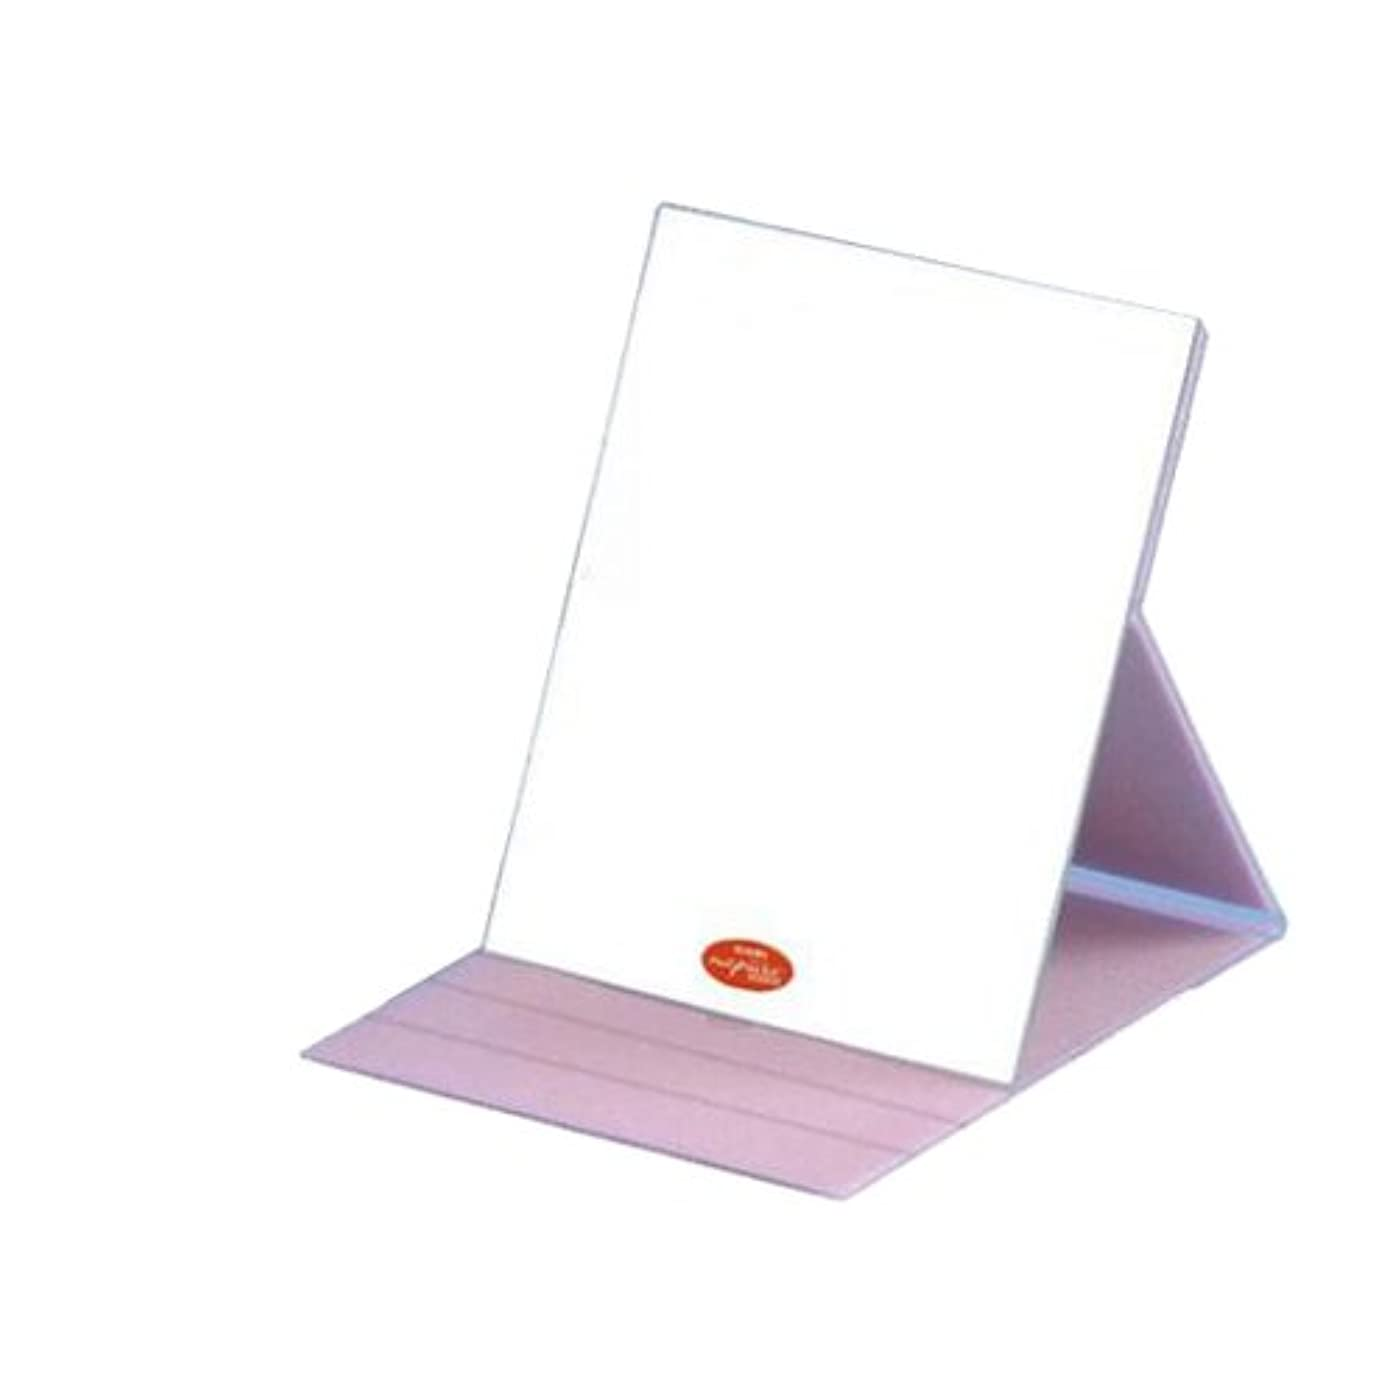 カメフィードオン集めるHP-61 ナピュア プロモデル角度調整3段階付き折立ミラー エコ?ピンク(L)